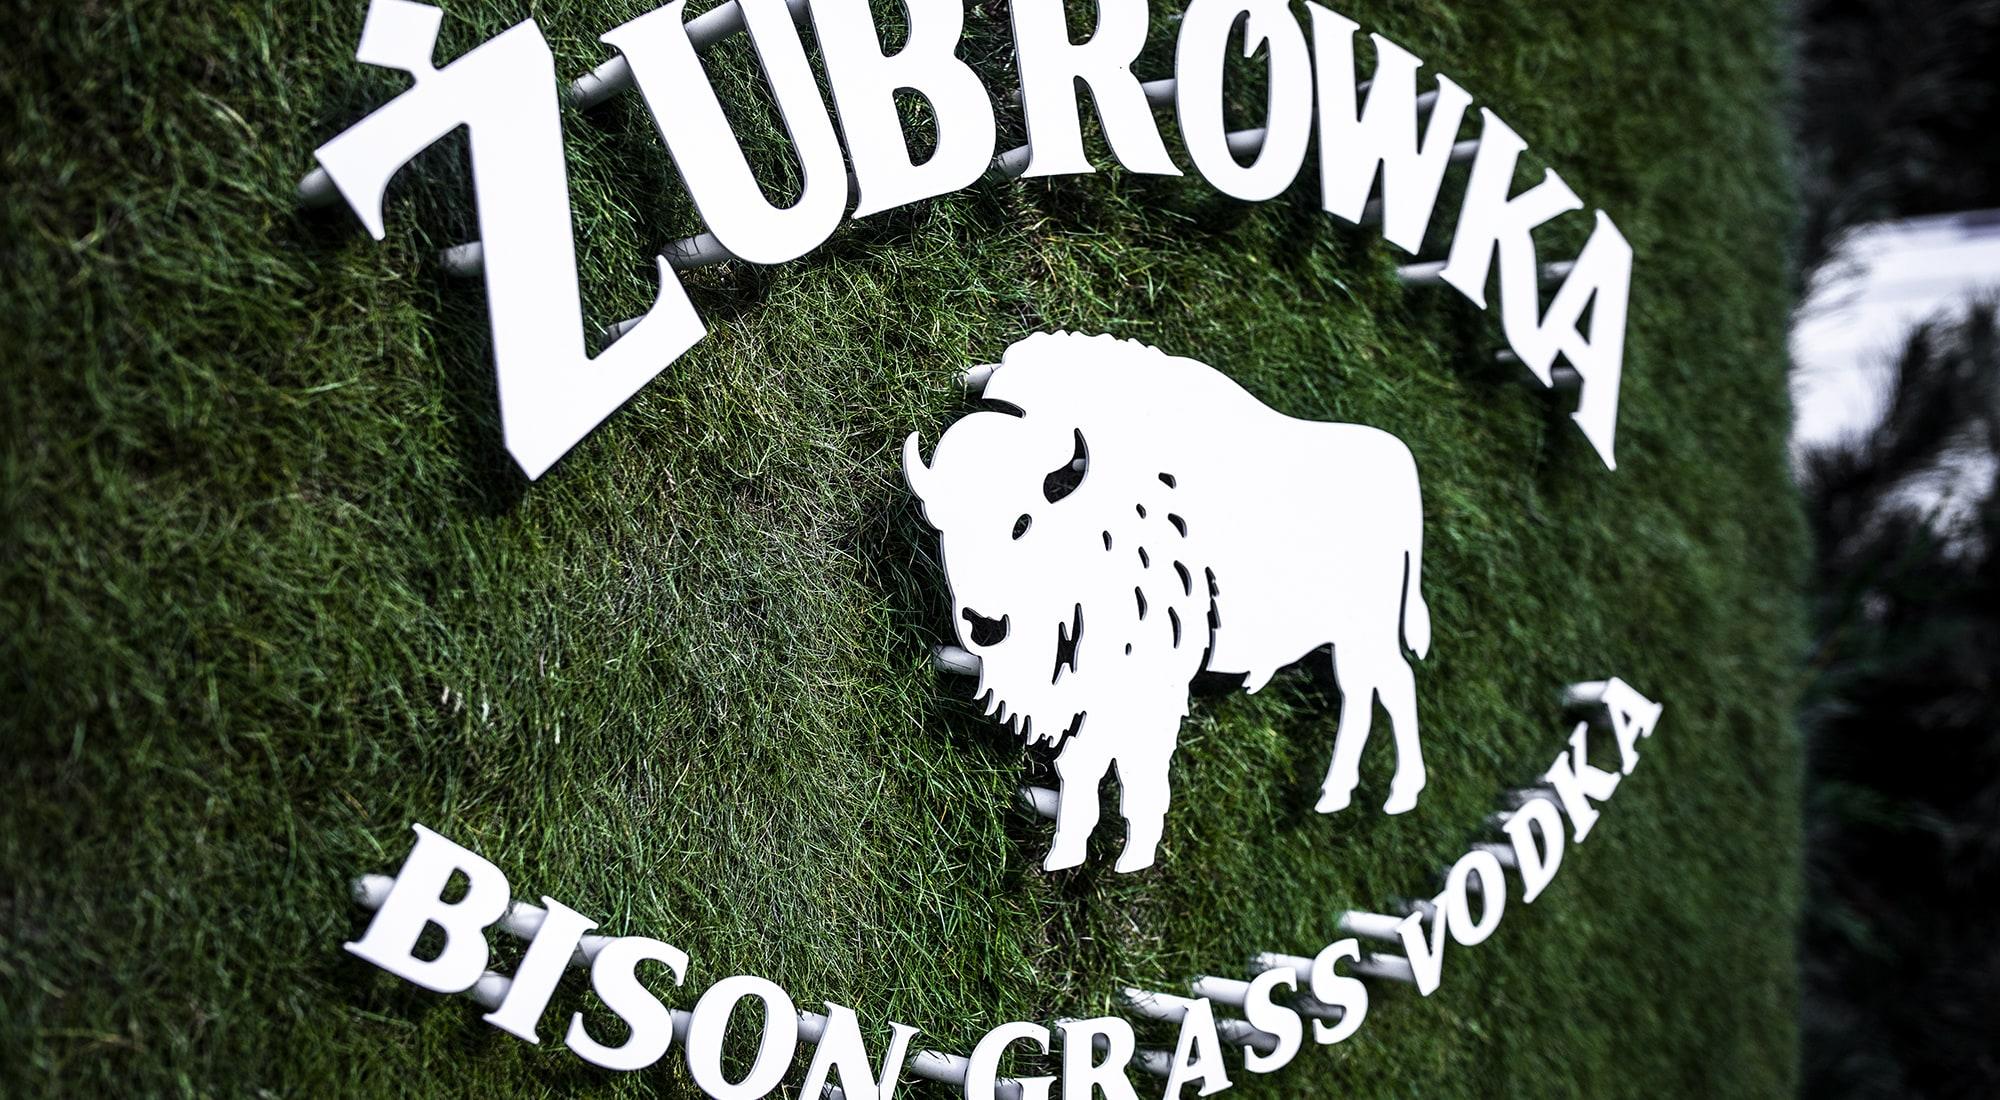 Zubrowka